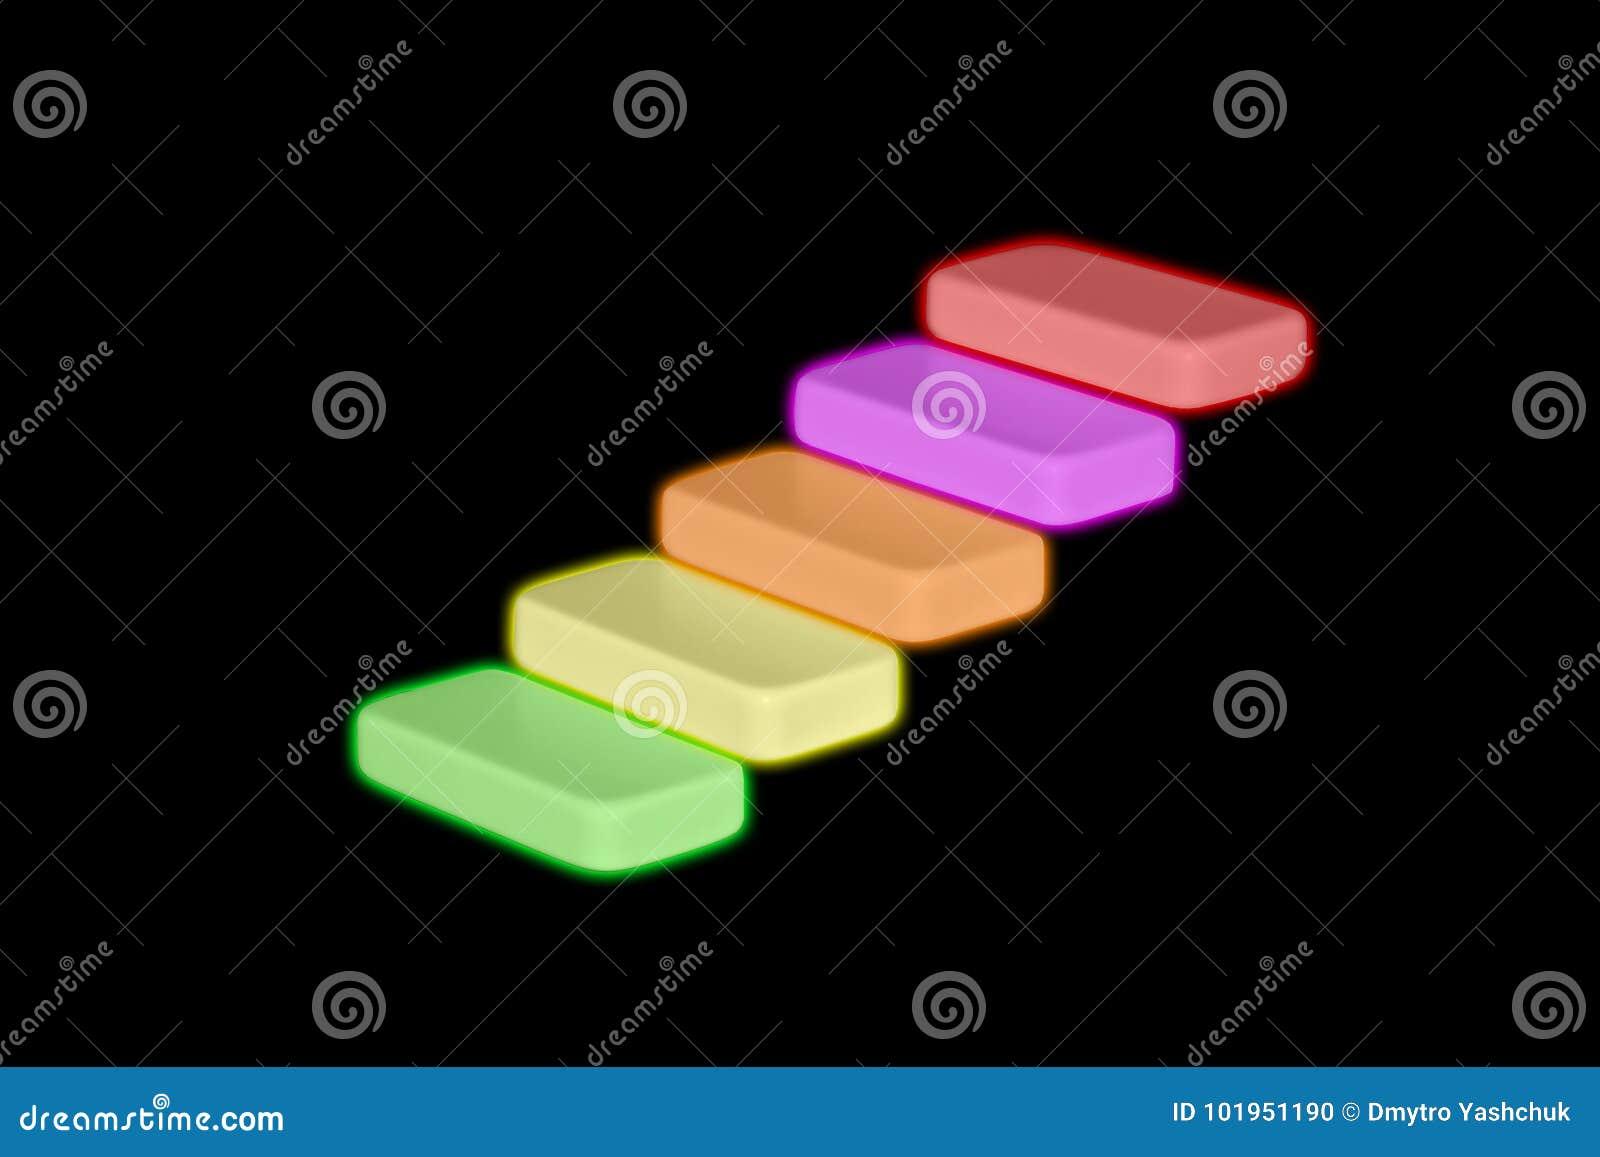 Бизнесмен или студент идя его пальцы вверх по шагам походя лестница установили в деревенских деревянных досках в схематическом из